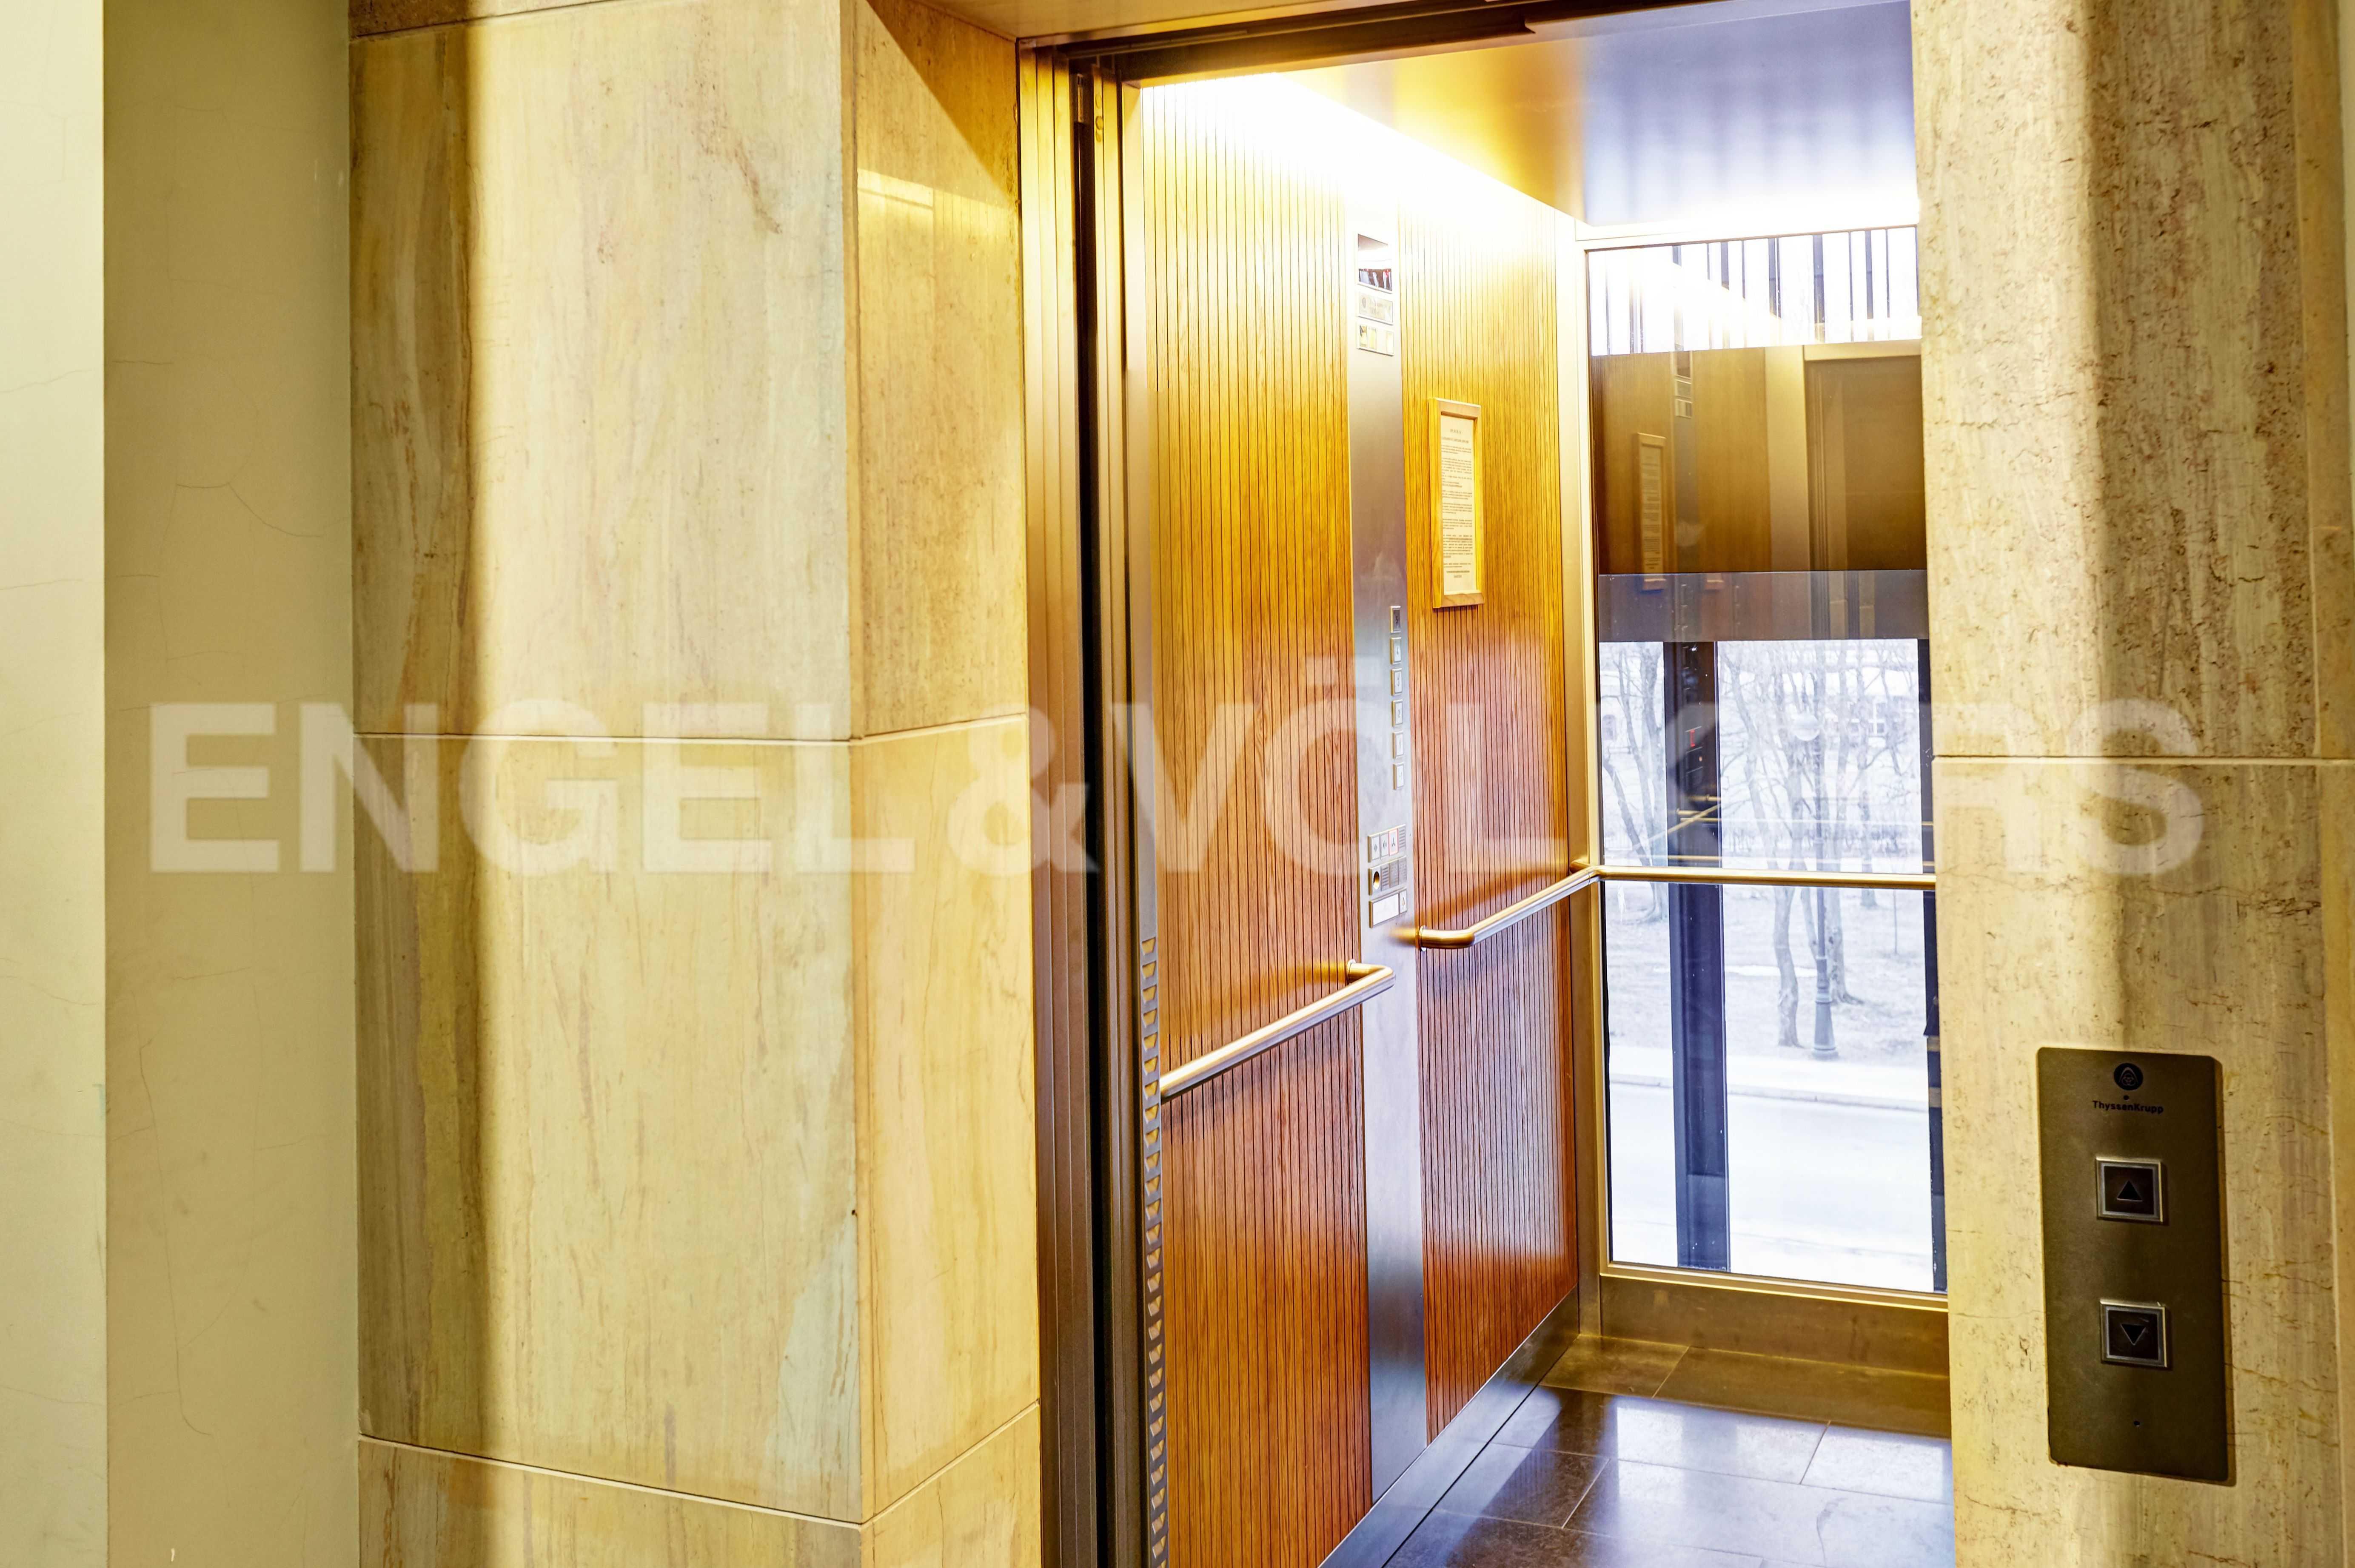 Элитные квартиры на . Санкт-Петербург, наб. Мартынова, 74. Лифт Thyssen с панорамным остеклением